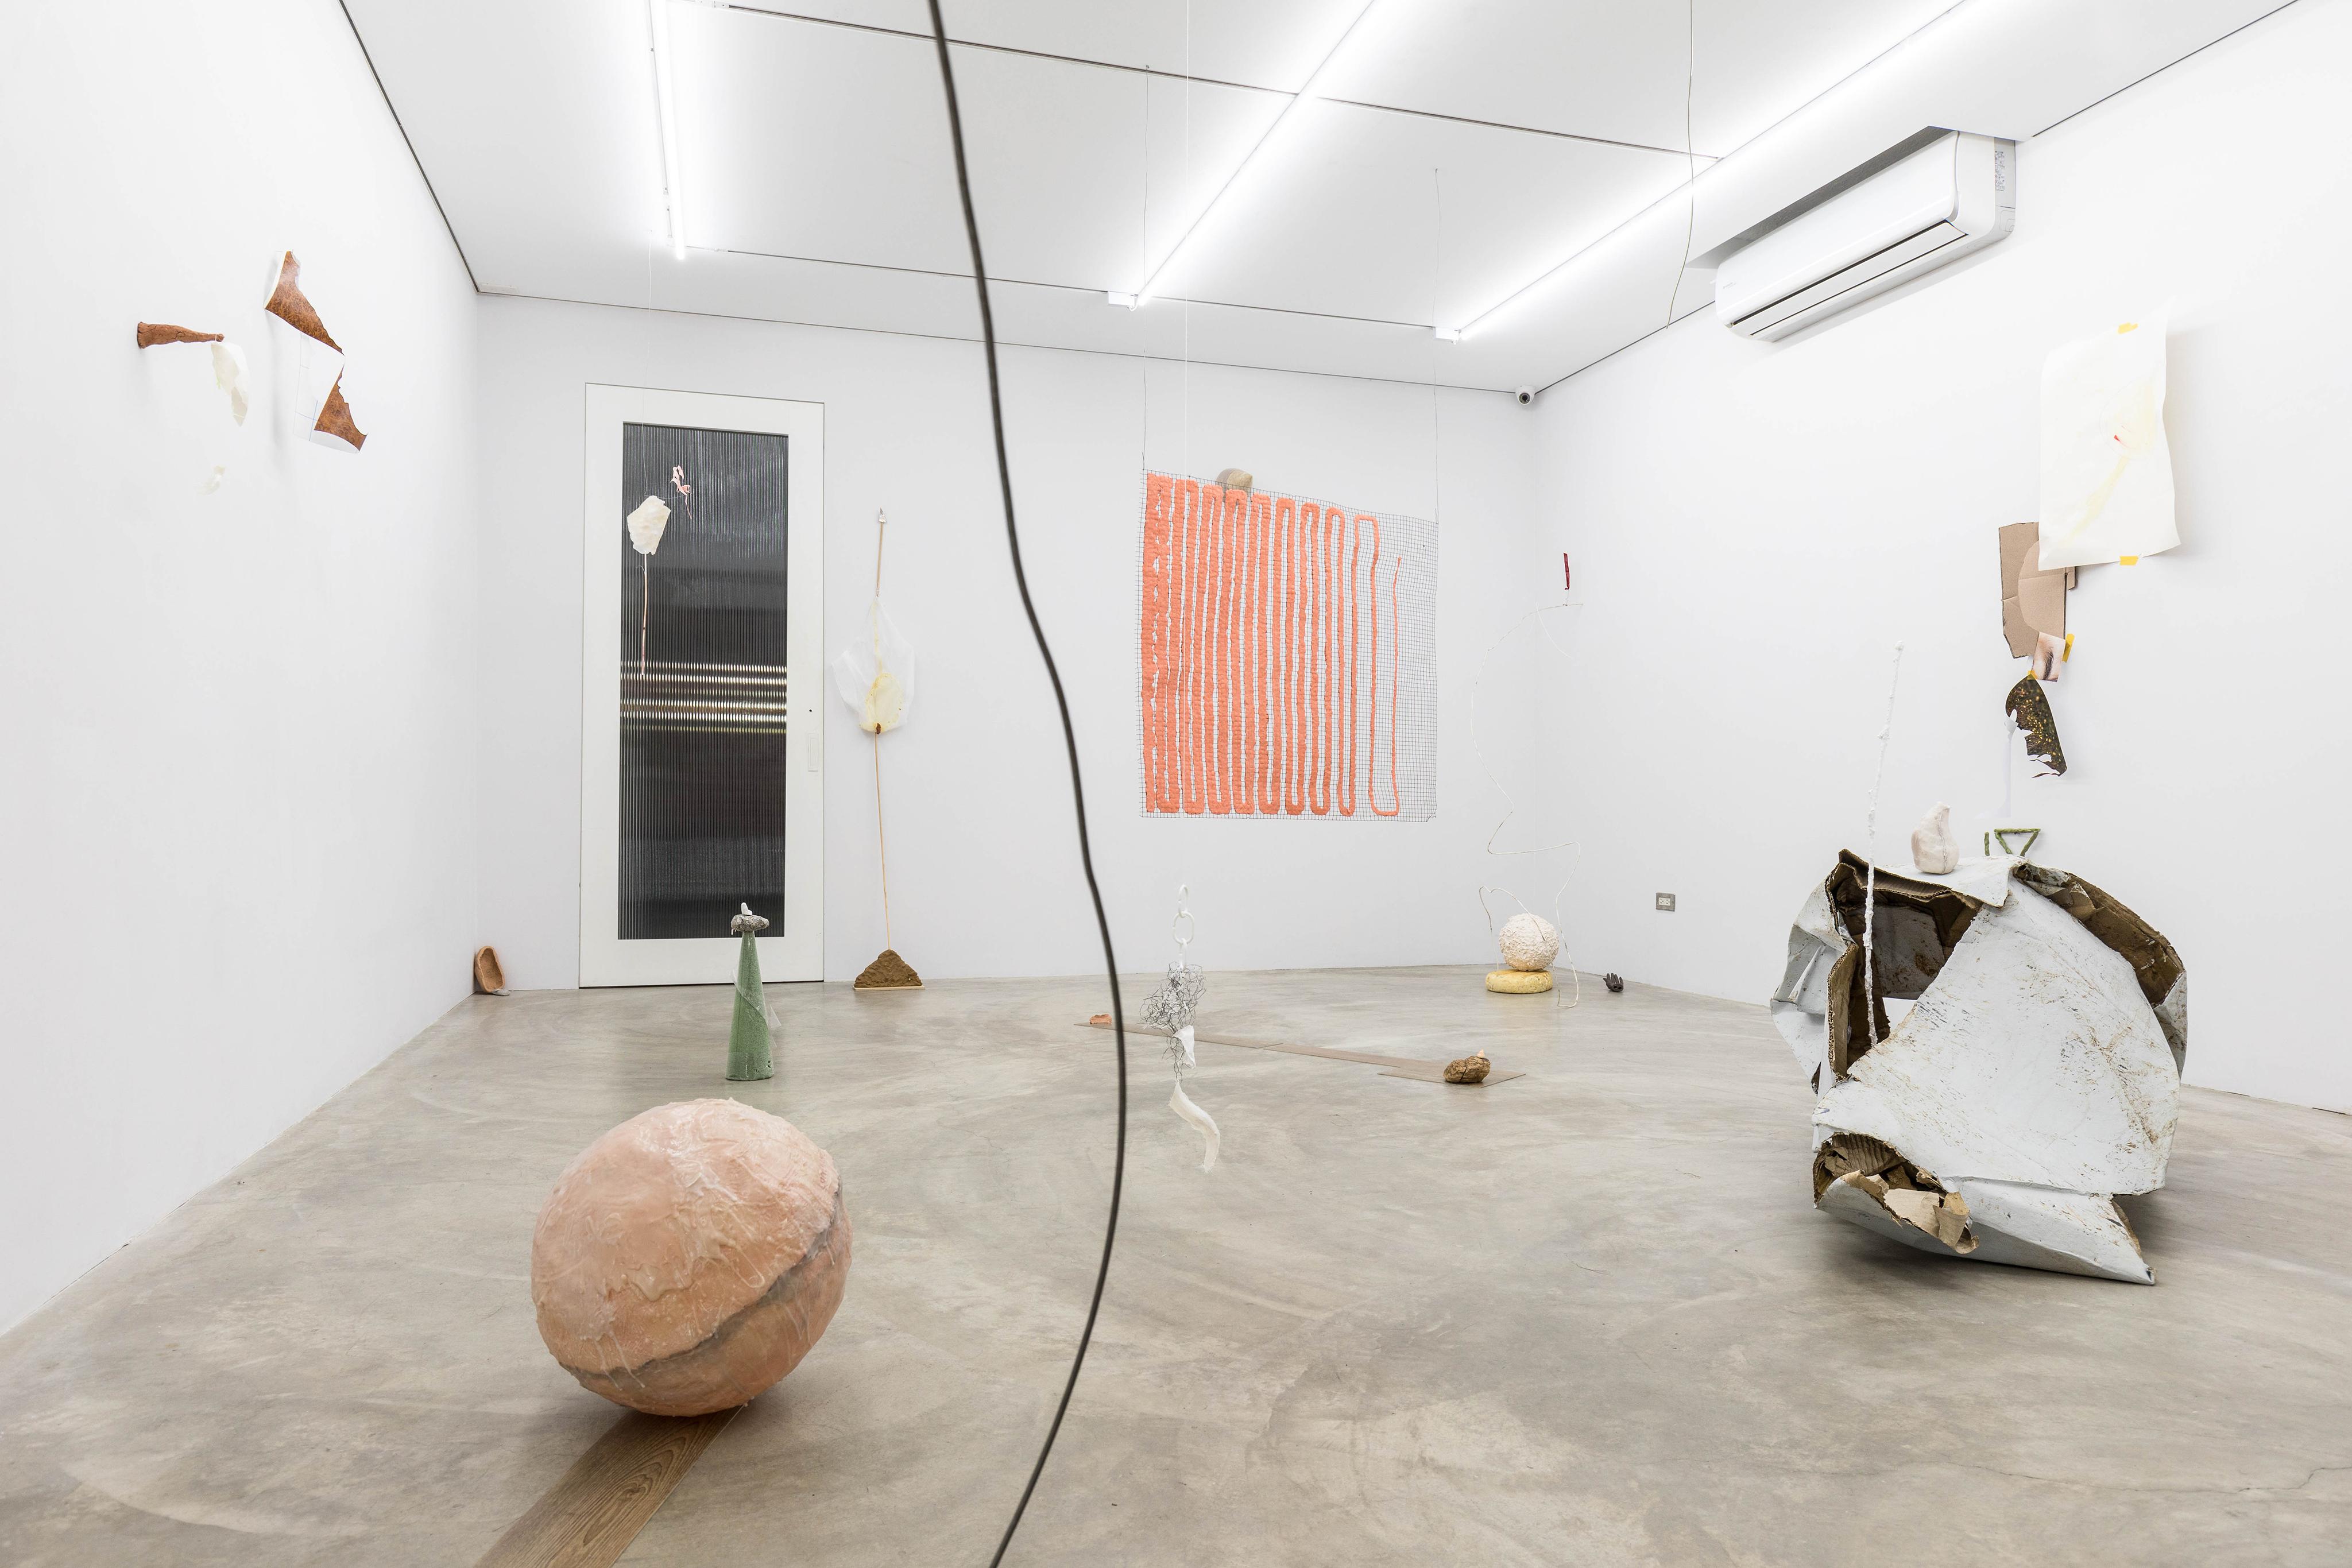 Artists at Work: Pei Hsuan Wang and Carolina Falkholt